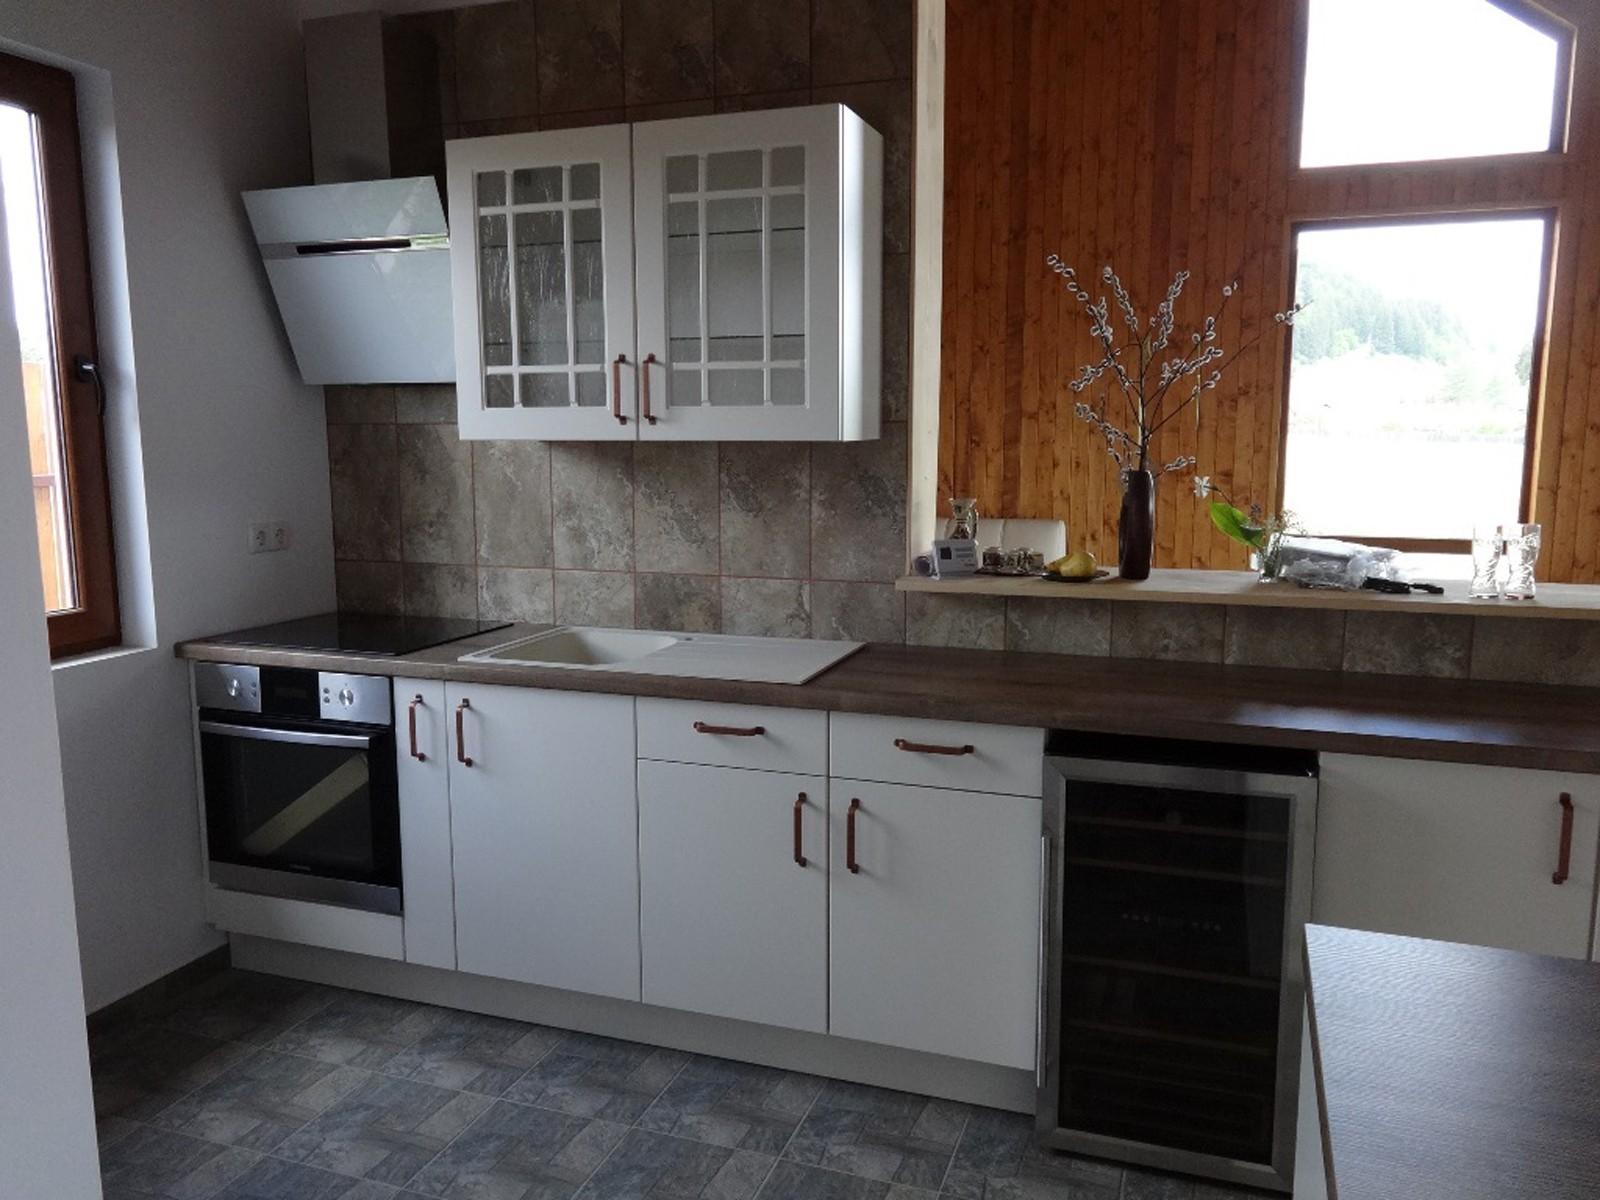 Referință - Bucătărie modernă Nobilia Touch - Bej / Stejar canadian